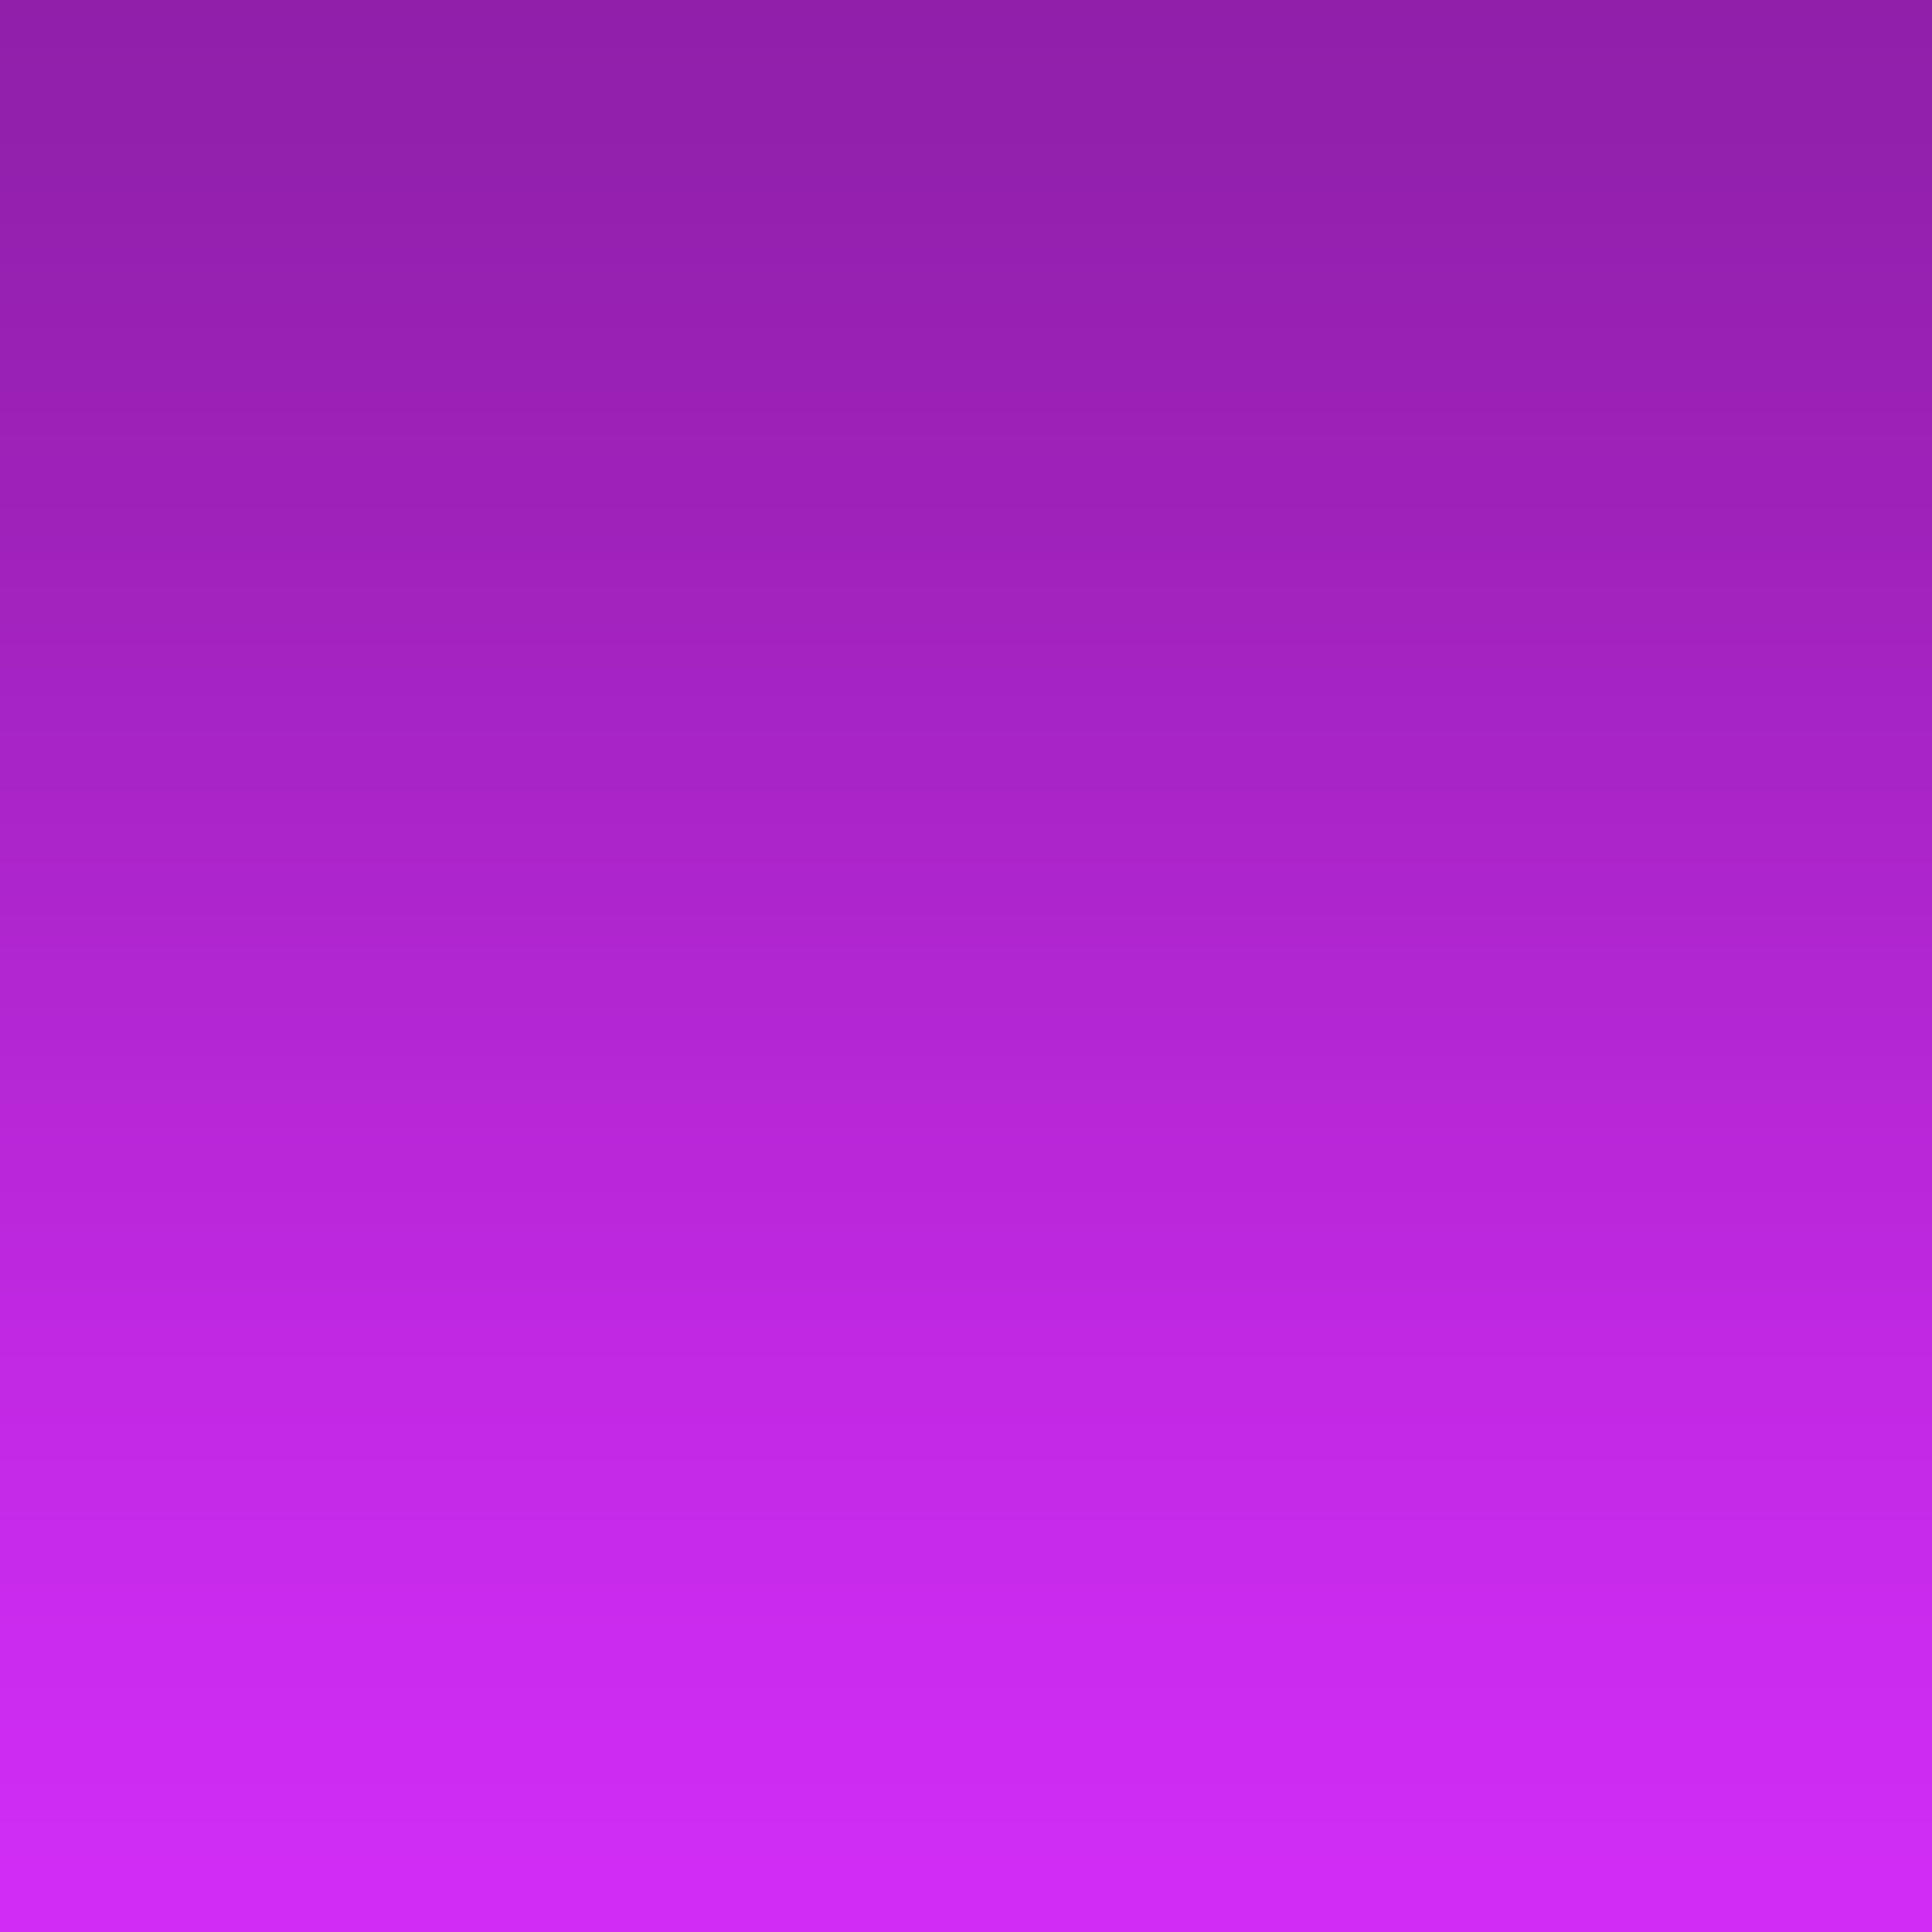 MODA logo purple